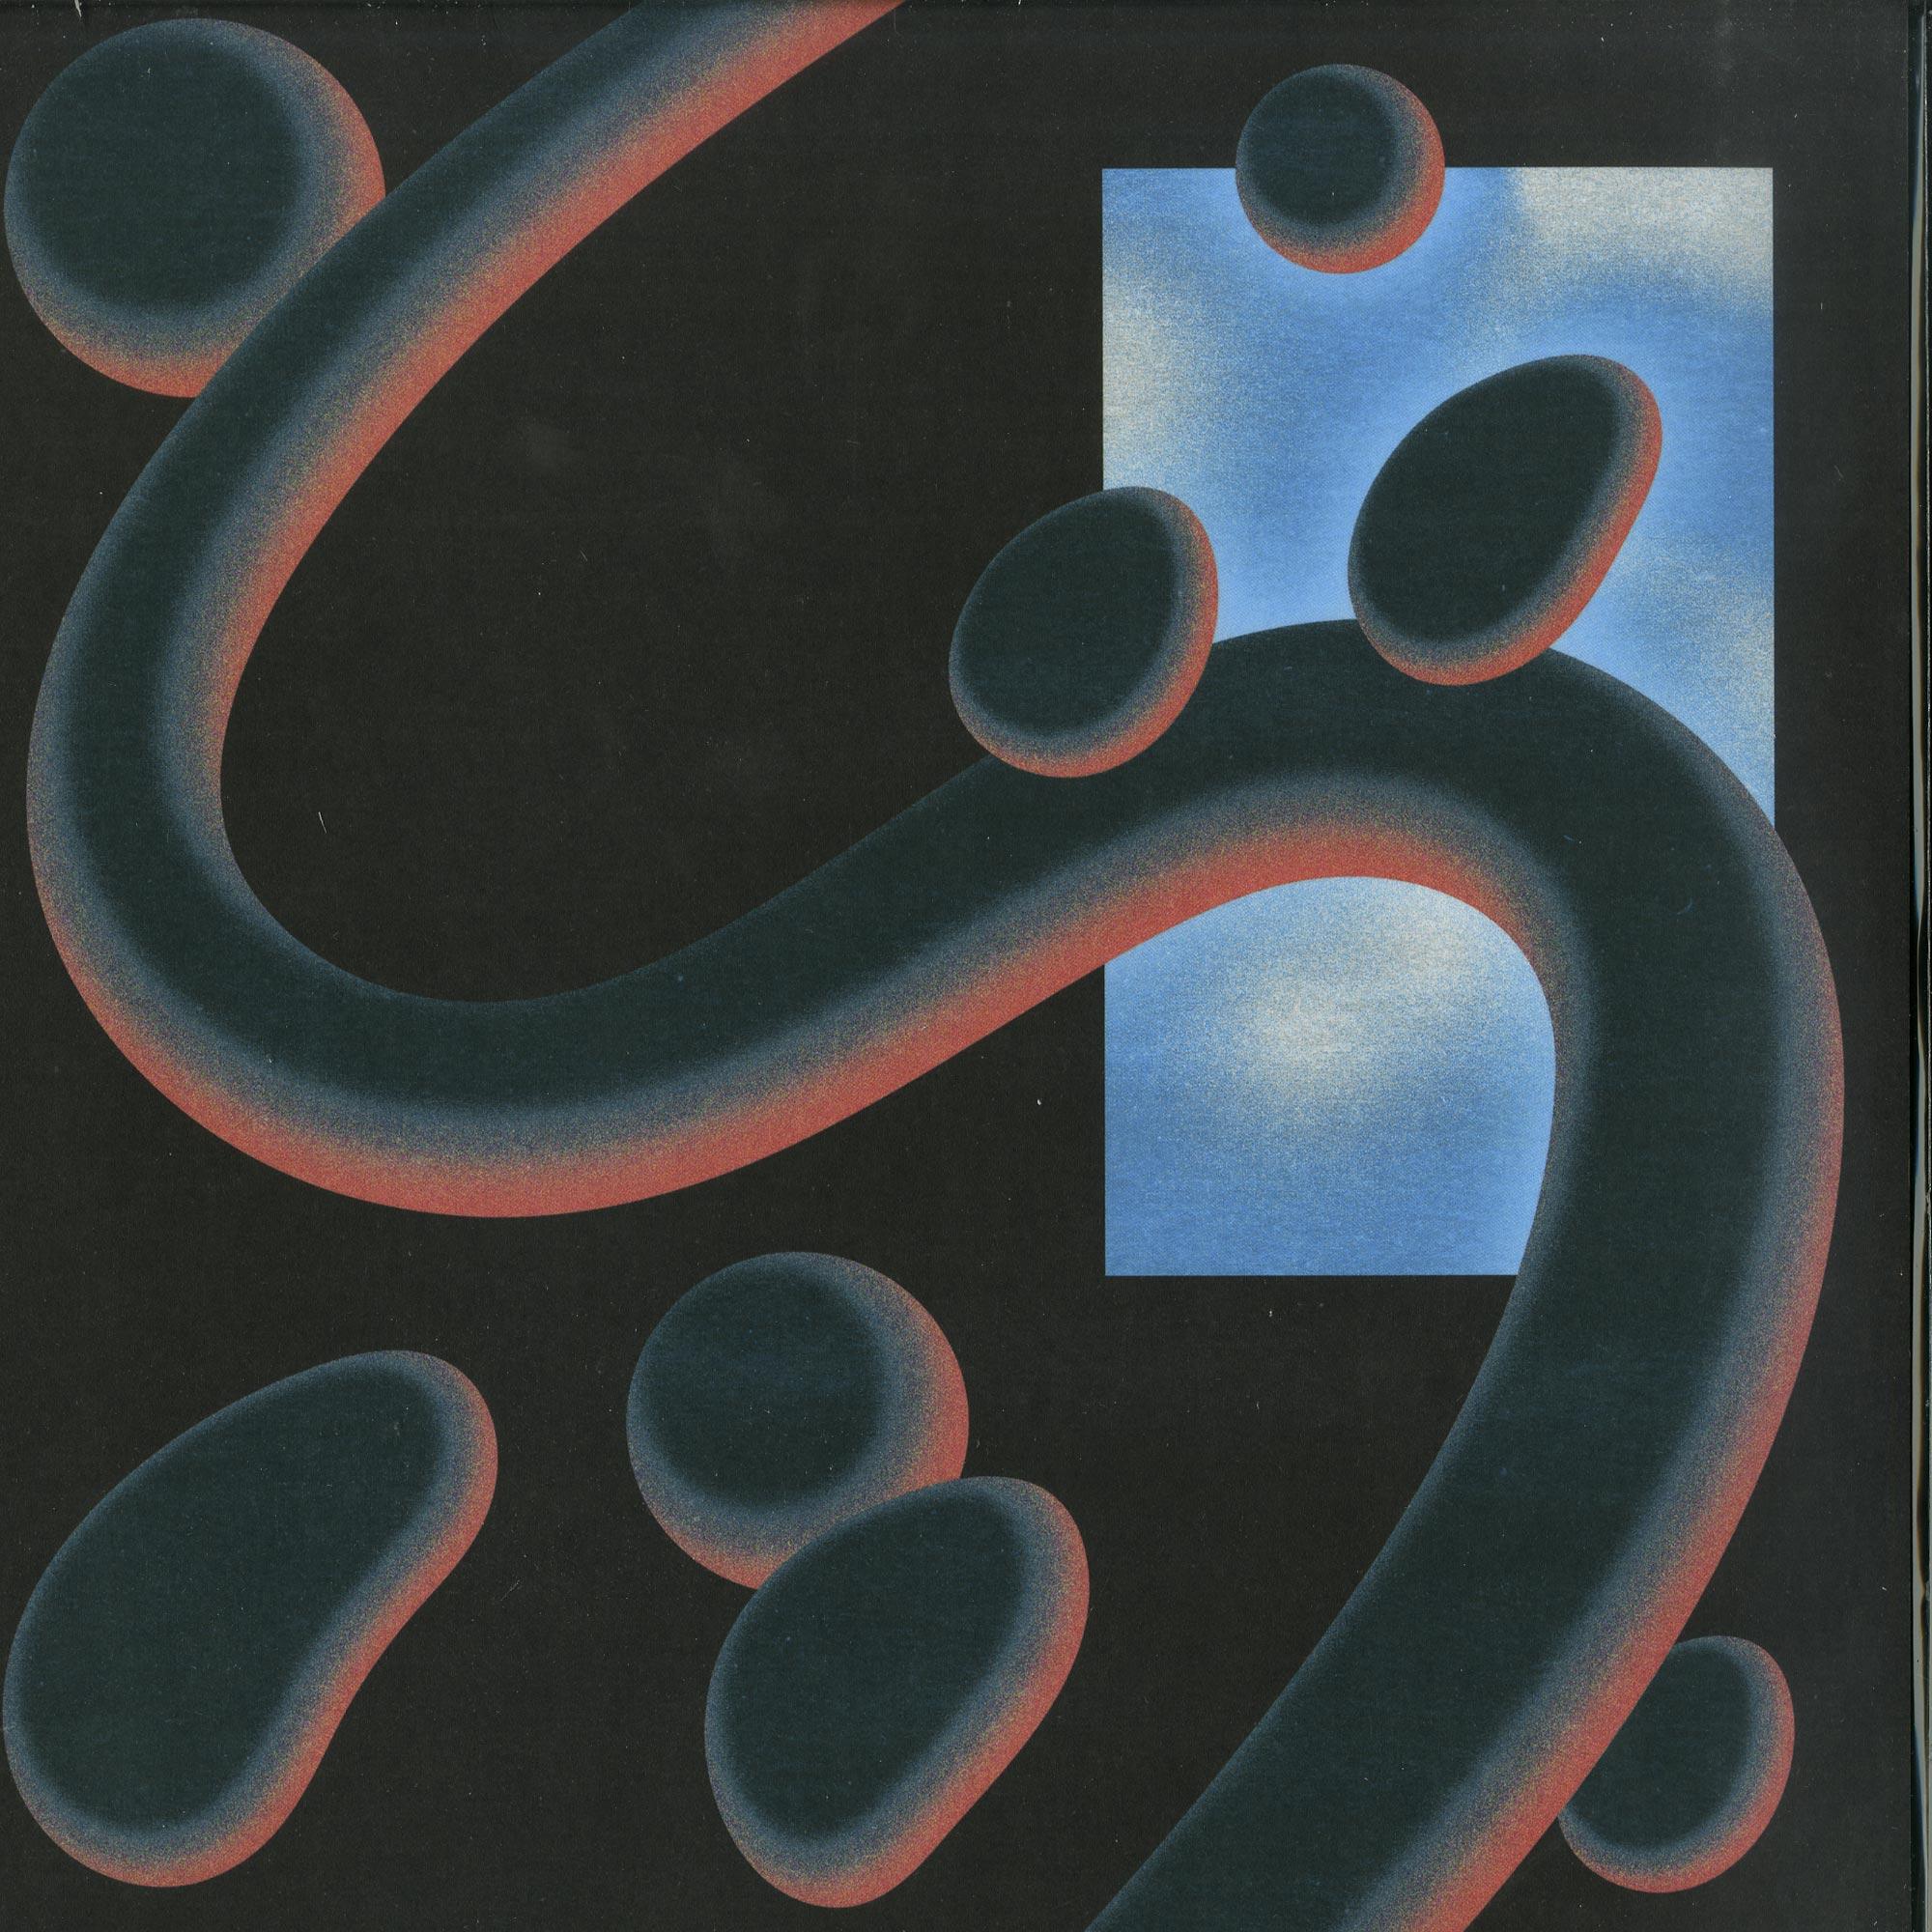 Urulu - MUSHROOM VALVE